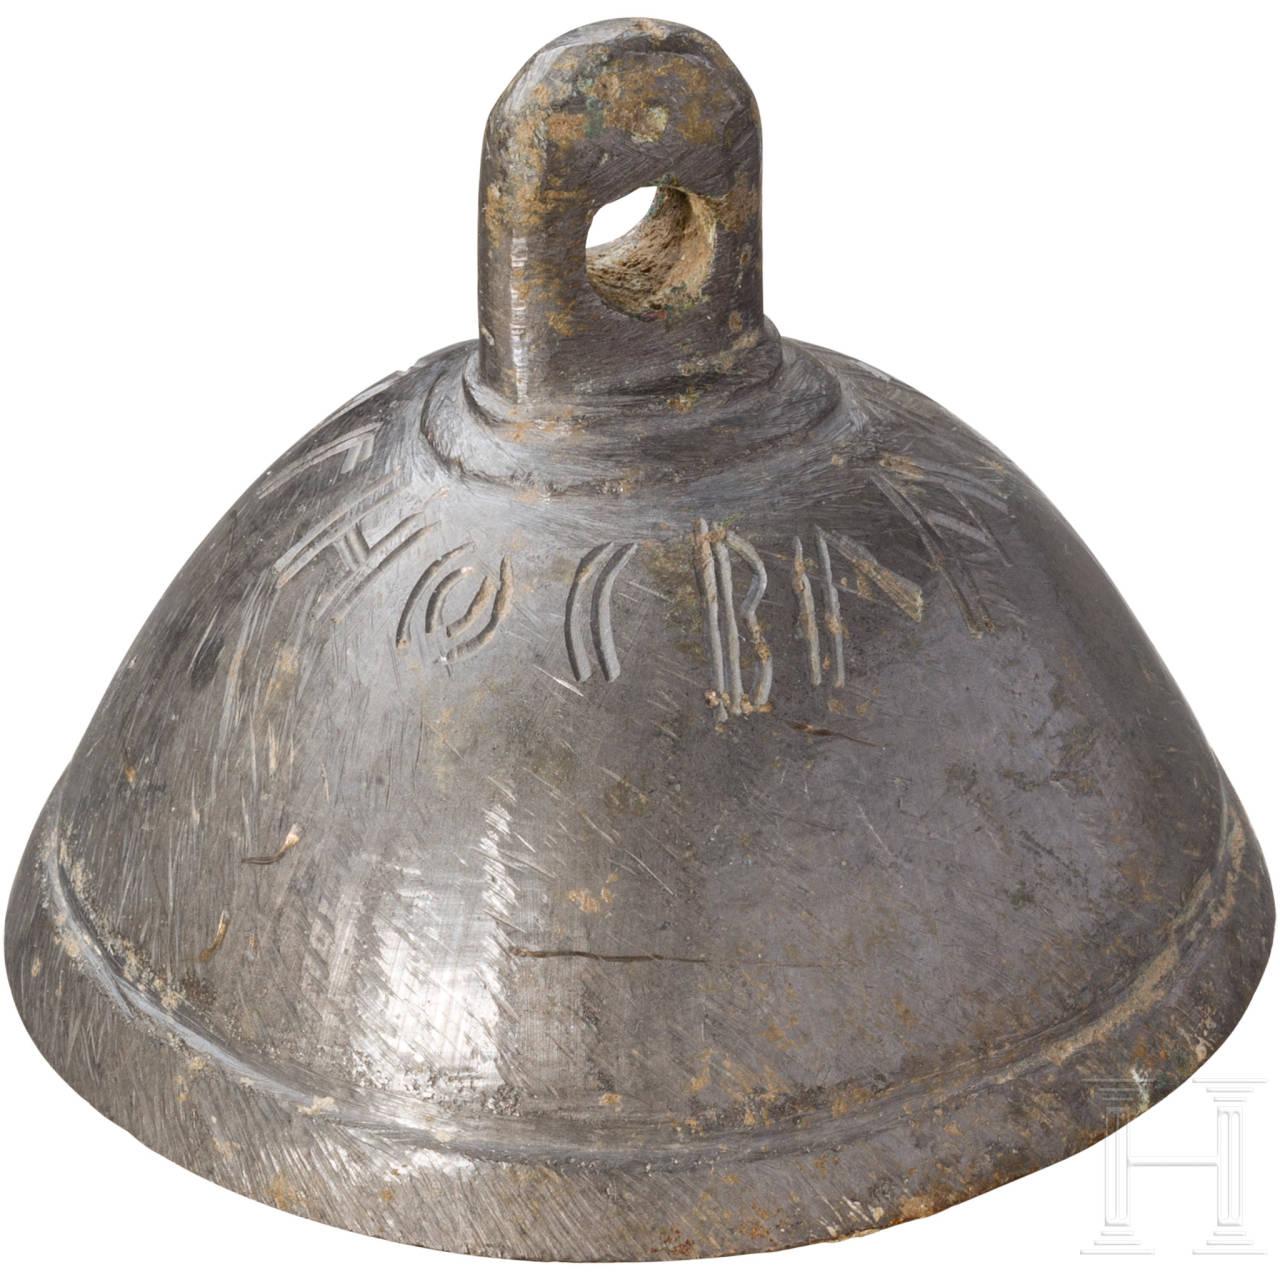 Bronzeglocke, östlicher Mittelmeerraum, byzantinisch, 10. - 12. Jhdt.